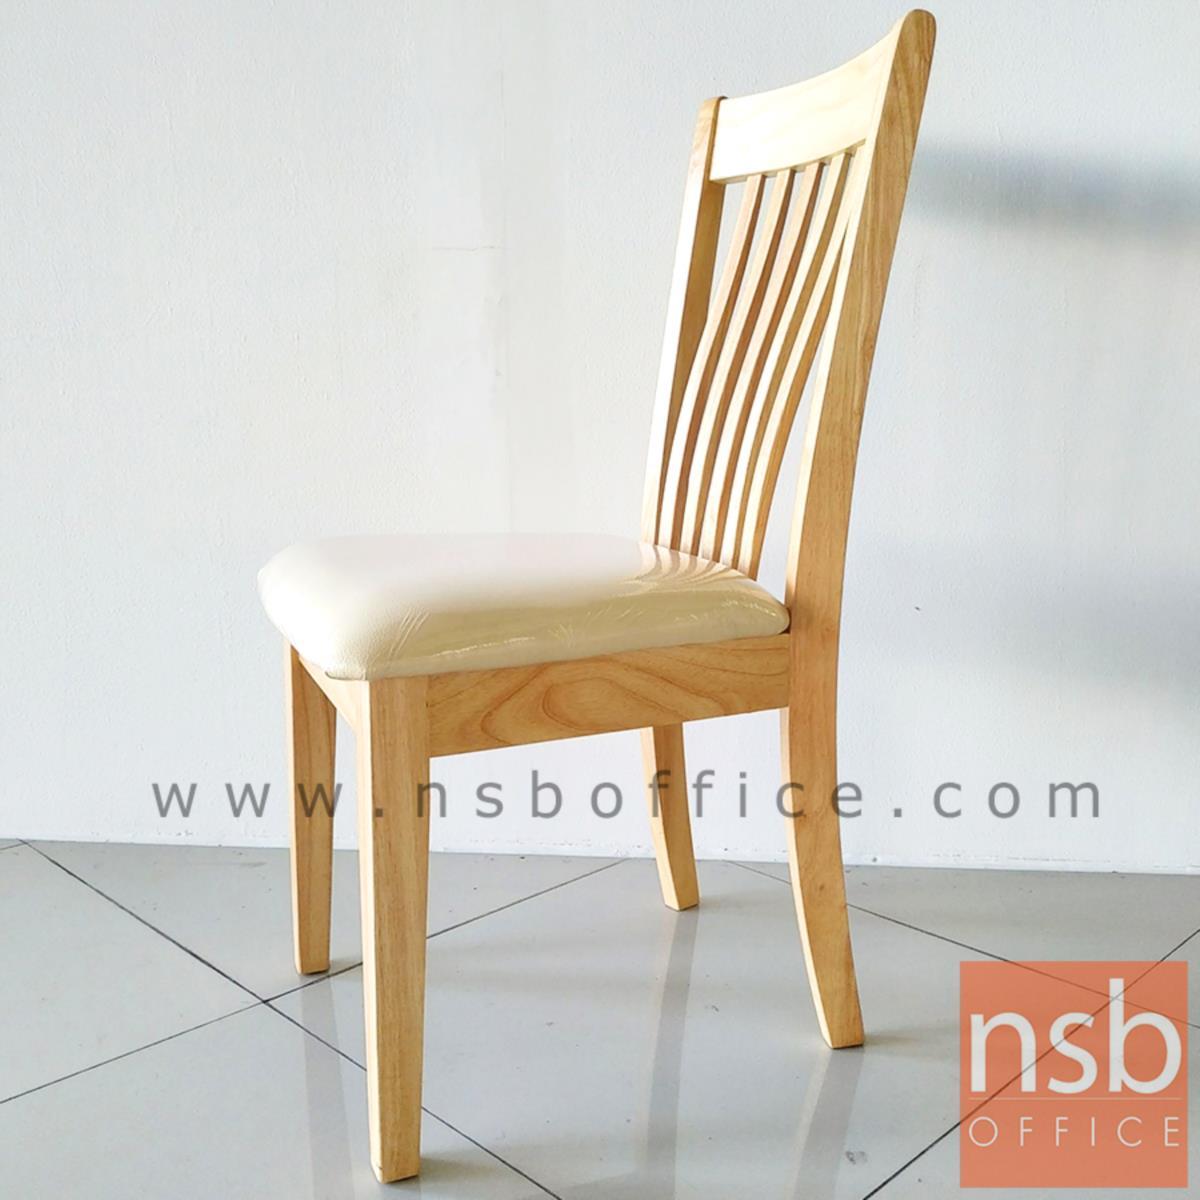 เก้าอี้ไม้ยางพาราที่นั่งหุ้มหนังเทียม รุ่น Helga (เฮลก้า) ขาไม้